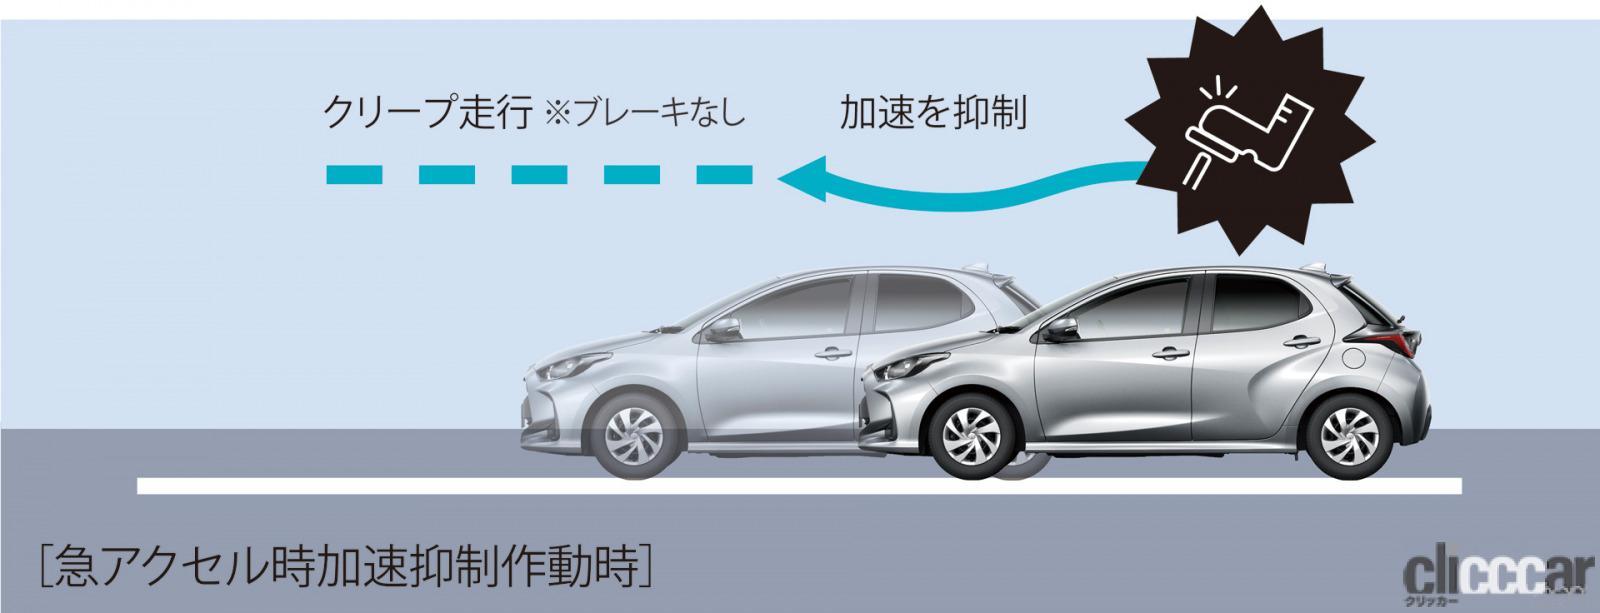 「トヨタ・ヤリスに「全車速追従機能」を加えたレーダークルーズコントロール、緊急時操舵支援機能などを追加」の2枚目の画像